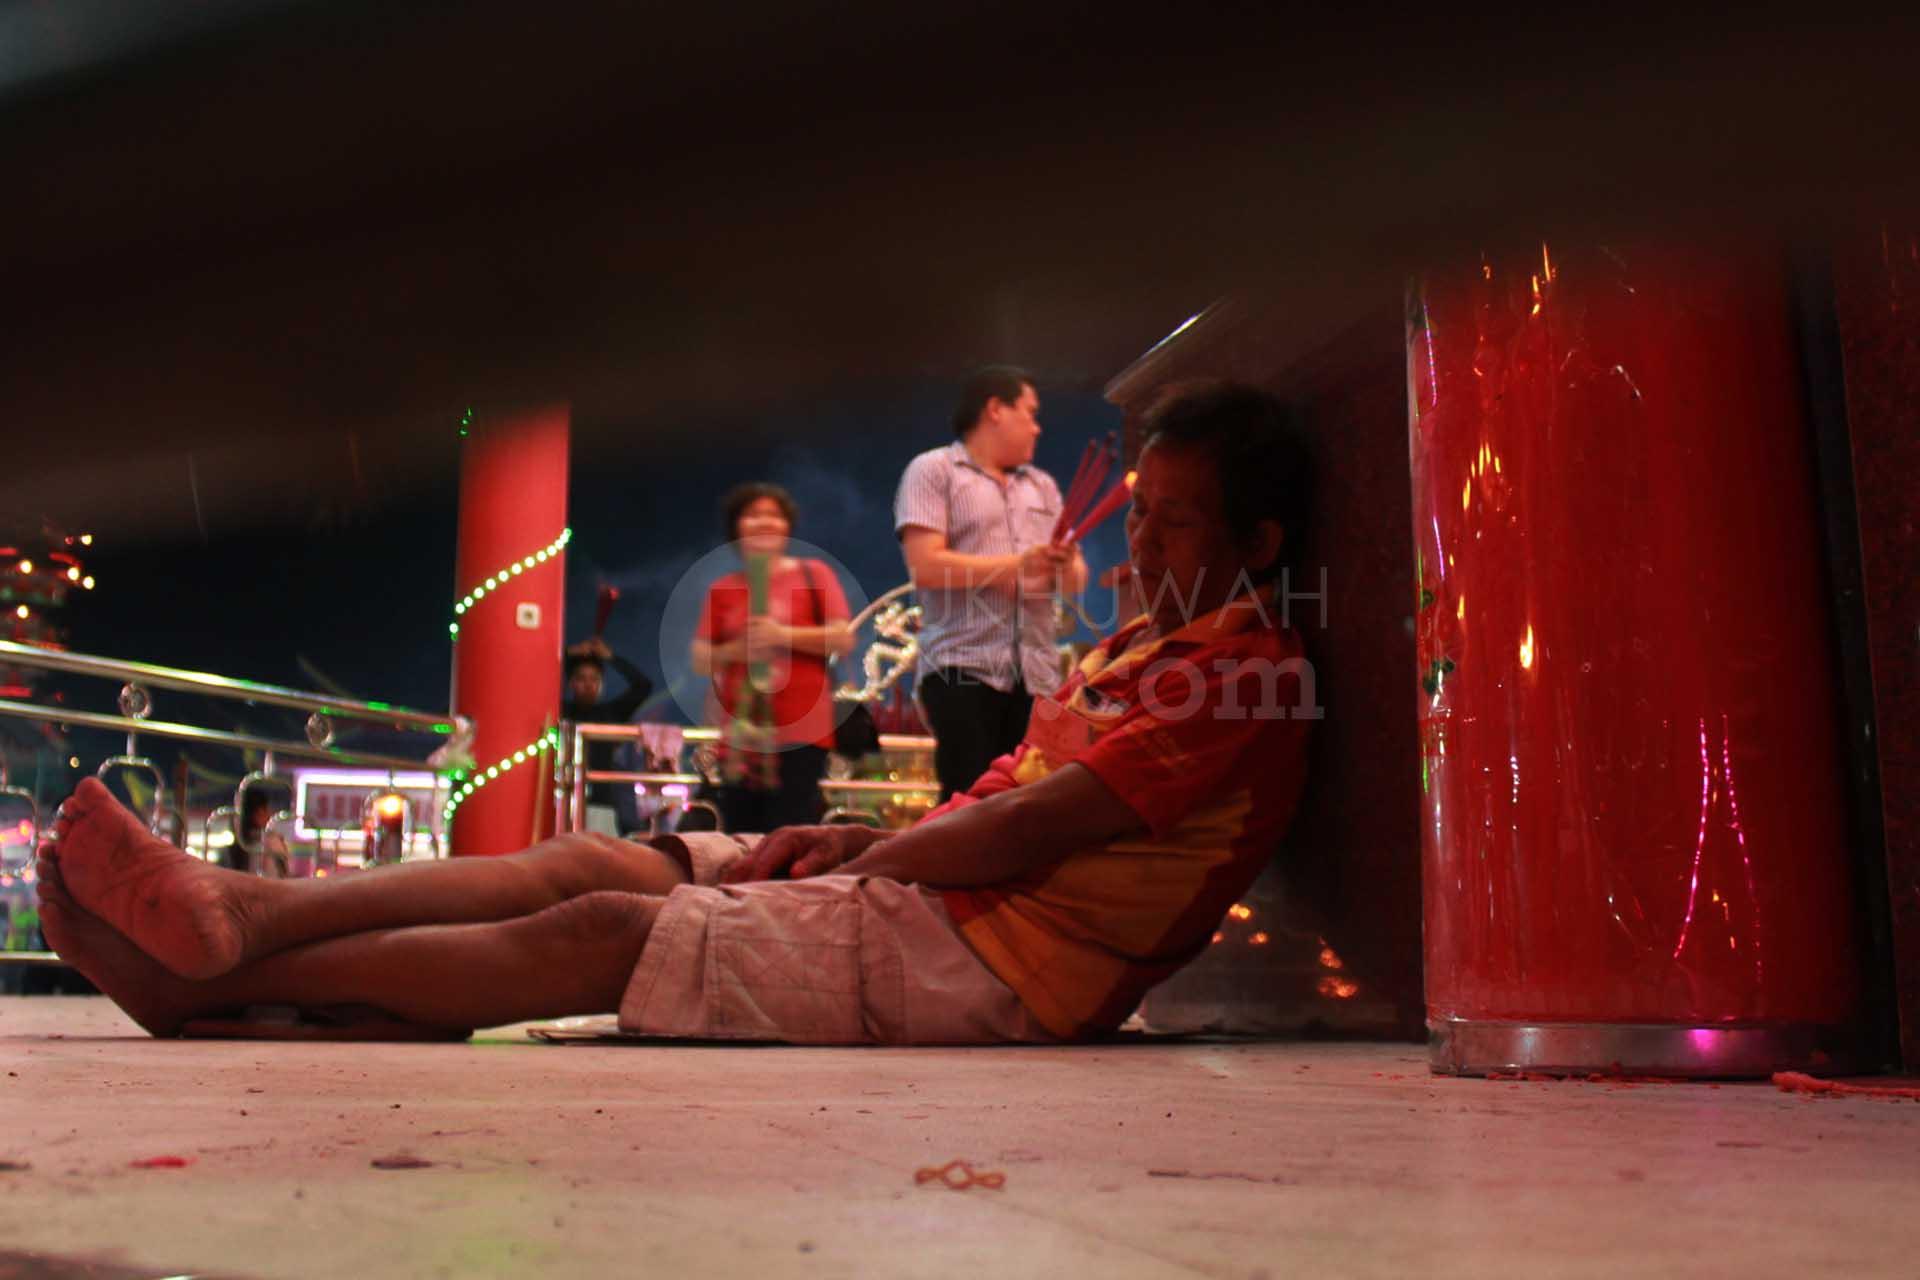 Salah satu petugas Perayaan Cap Go Meh tertidur saat malam perayaan sedang berlangsung di Pulau Kemaro Kota Palembang, (9/2/2017). Para petugas perayaan Cap Go Meh harus bekerja selama 24 jam full guna melayani para masyarakat yang ingin beribadah.